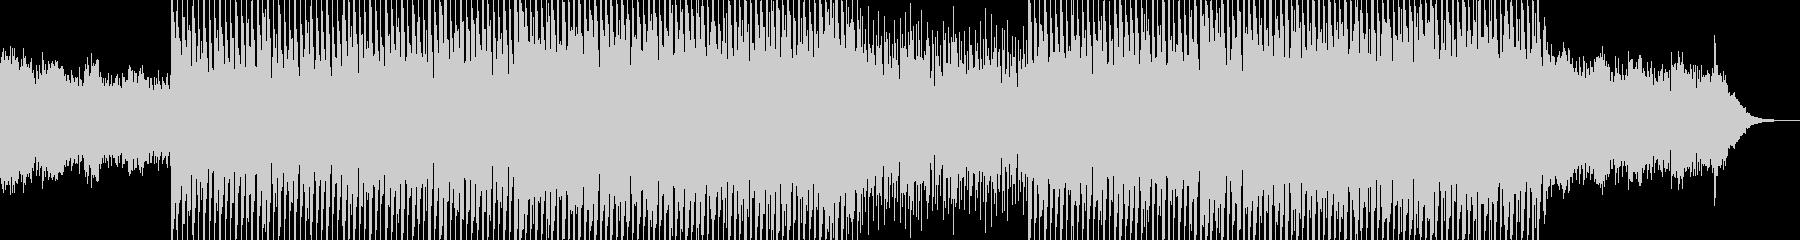 EDM明るいクラブ系キラキラシンセ-05の未再生の波形